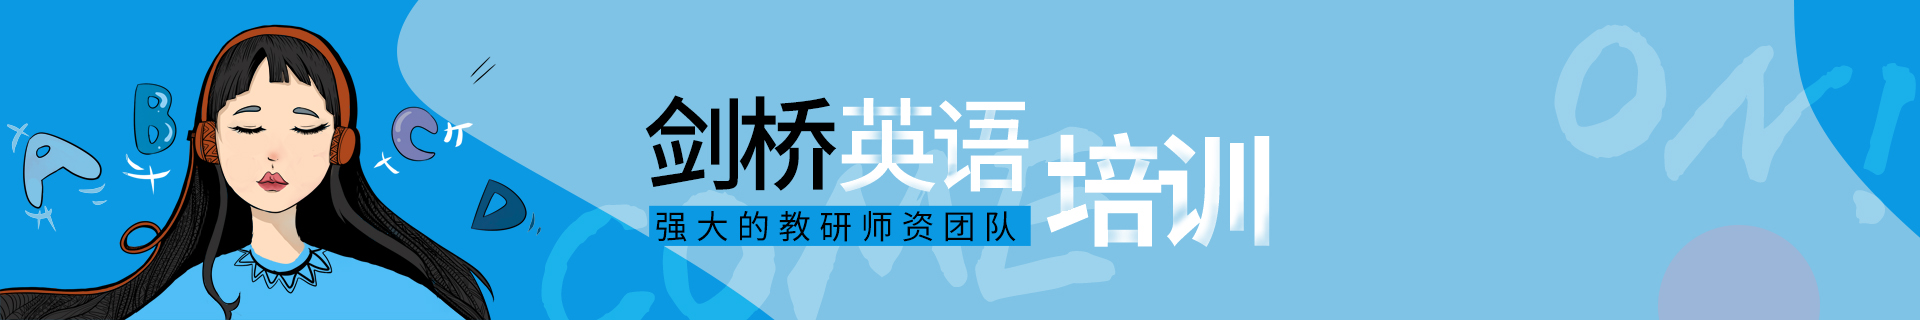 上海徐家汇新航道英语培训